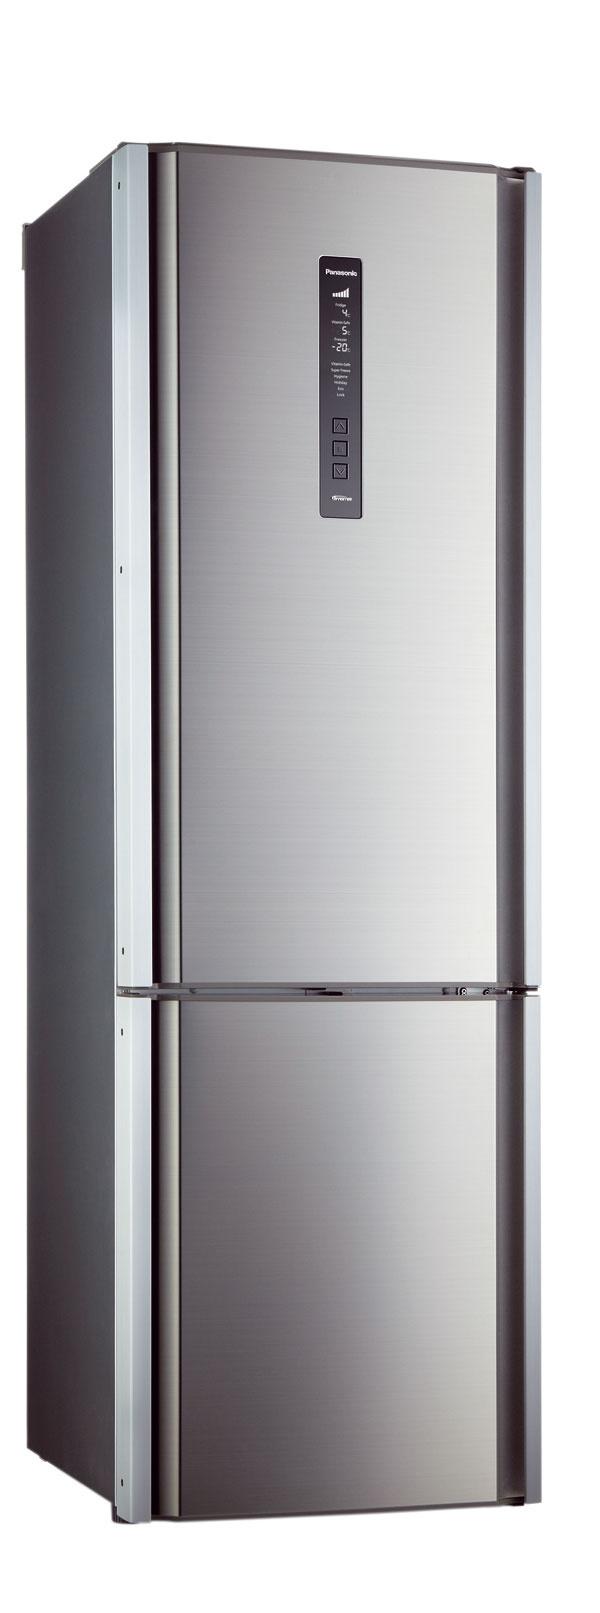 Chladnička Panasonic NR-B32FX2. Energetická trieda A++, spotreba 249 kWh/rok, objem 315 litrov (225/90), hlučnosť 36 dB. Motor stechnológiou Inverter, izolácia stien zo stlačeného polyuretánu, ktorý umožňuje efektívnu izoláciu aj napriek minimálnej hrúbke stien. Fresh zóna (6  až 0 stupňov) vhodná na mäso, ryby asyry, Vitaminsafe na ovocie azeleninu (možnosť nastavenie 5 až 0 stupňov avyššia vlhkosť), blikajúce LED diódy vpriehradke pomáhajú uchovať vitamíny čo najdlhšie, systém Hygiene Active, ktorý pomocou modrého LED svetla aktivuje čiastočky striebra na povrchu filtra, atým ničí až 99,9 % baktérií, rovnomerná cirkulácia vzduchu. Cena 1 299 €.